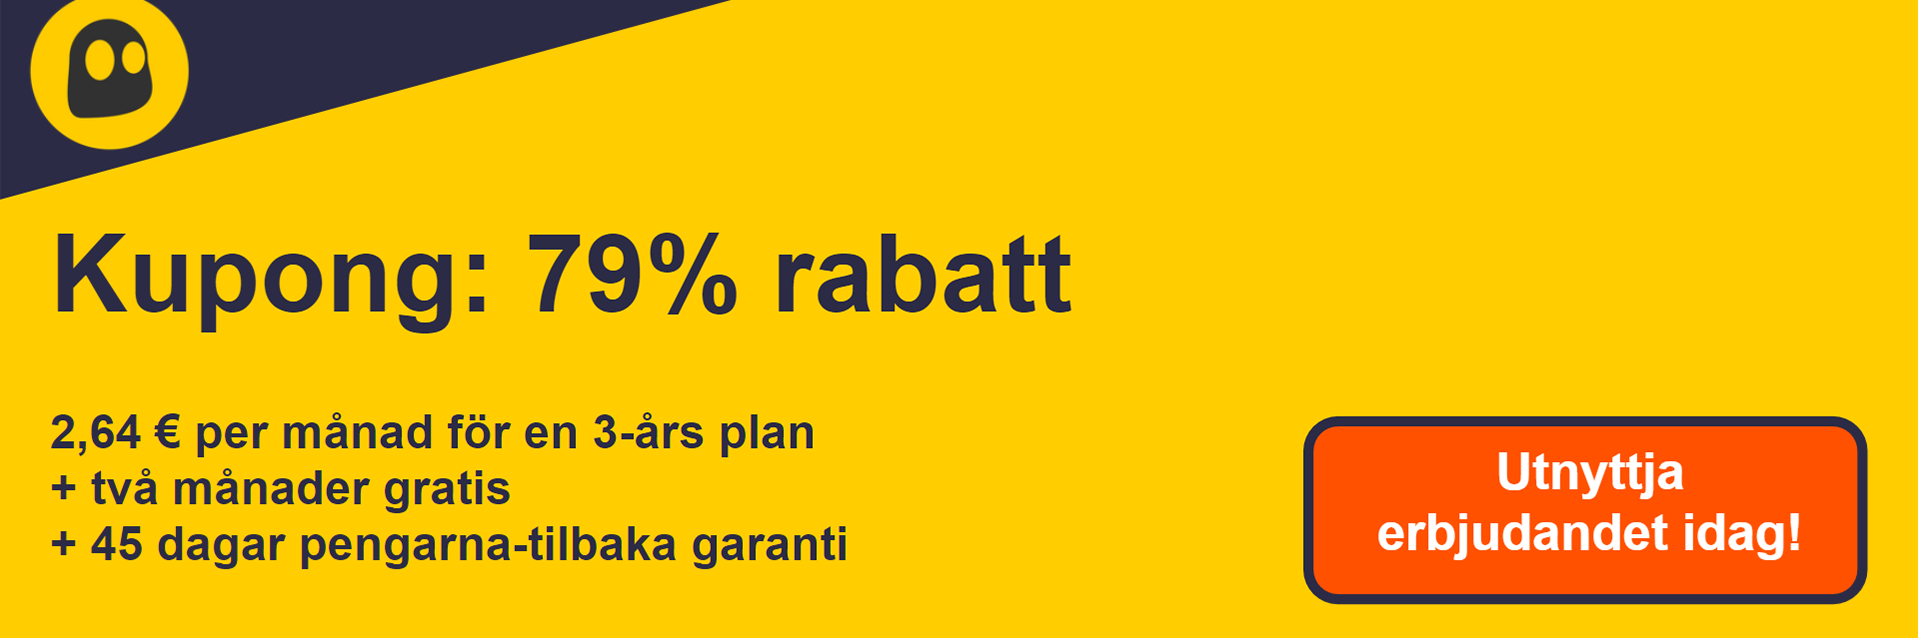 Grafik för en fungerande CyberGhost VPN-kupong som erbjuder 79% rabatt som är $ 2,75 per månad på ett 2-årigt abonnemang med 2 extra månader gratis och en 45-dagars pengarna tillbaka-garanti